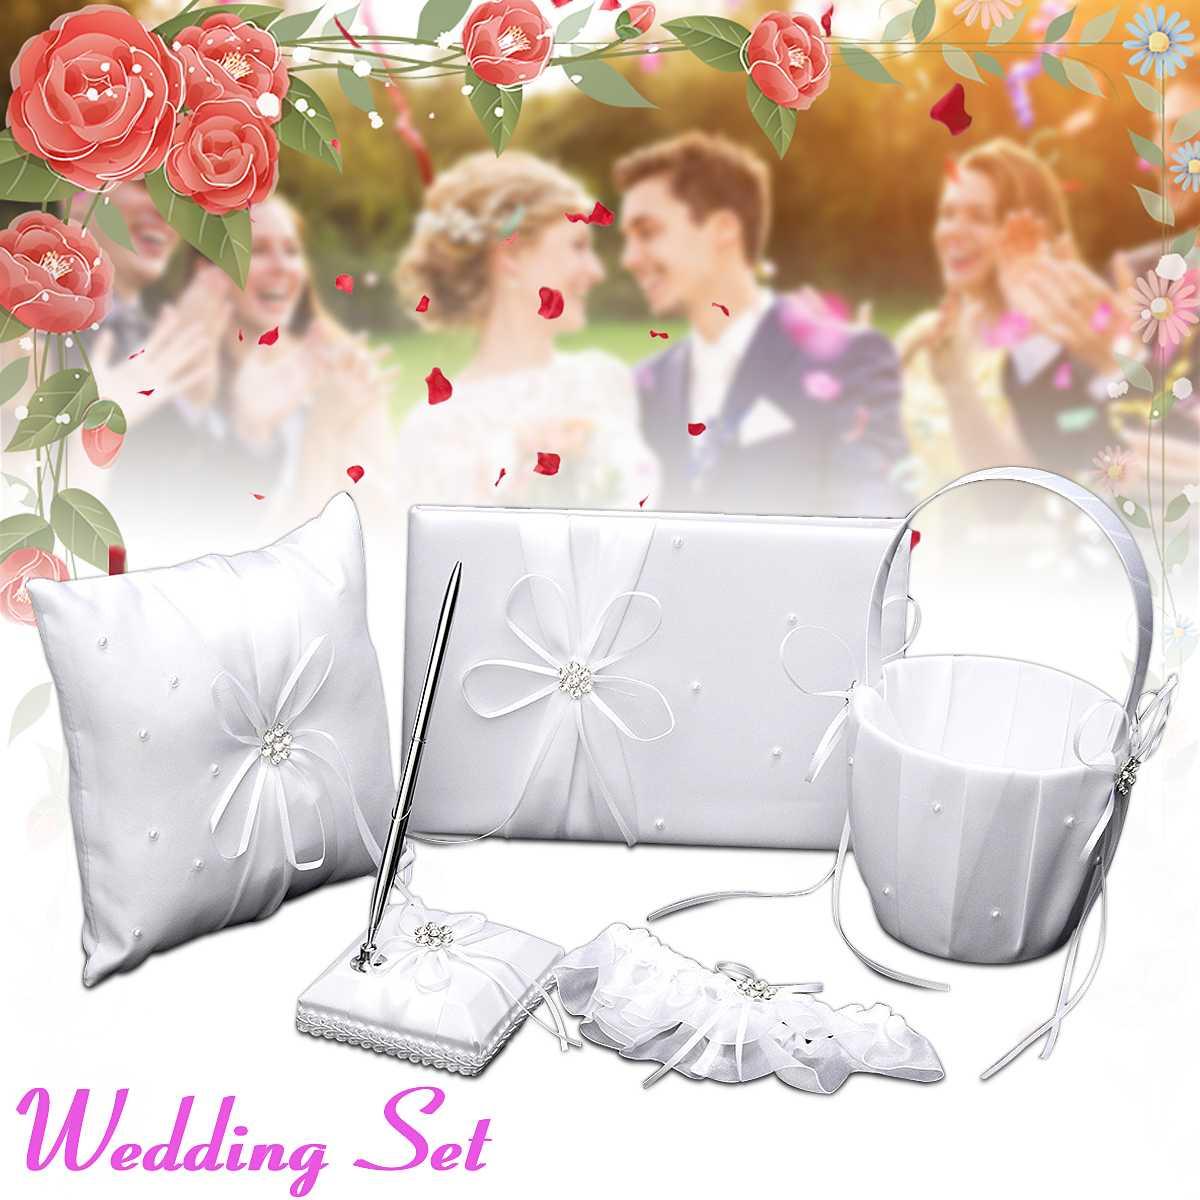 6 pièces bricolage mariage fleur fille panier anneau oreiller livre invité Signature stylo ensemble pour romantique nuptiale mariage décorations accessoires